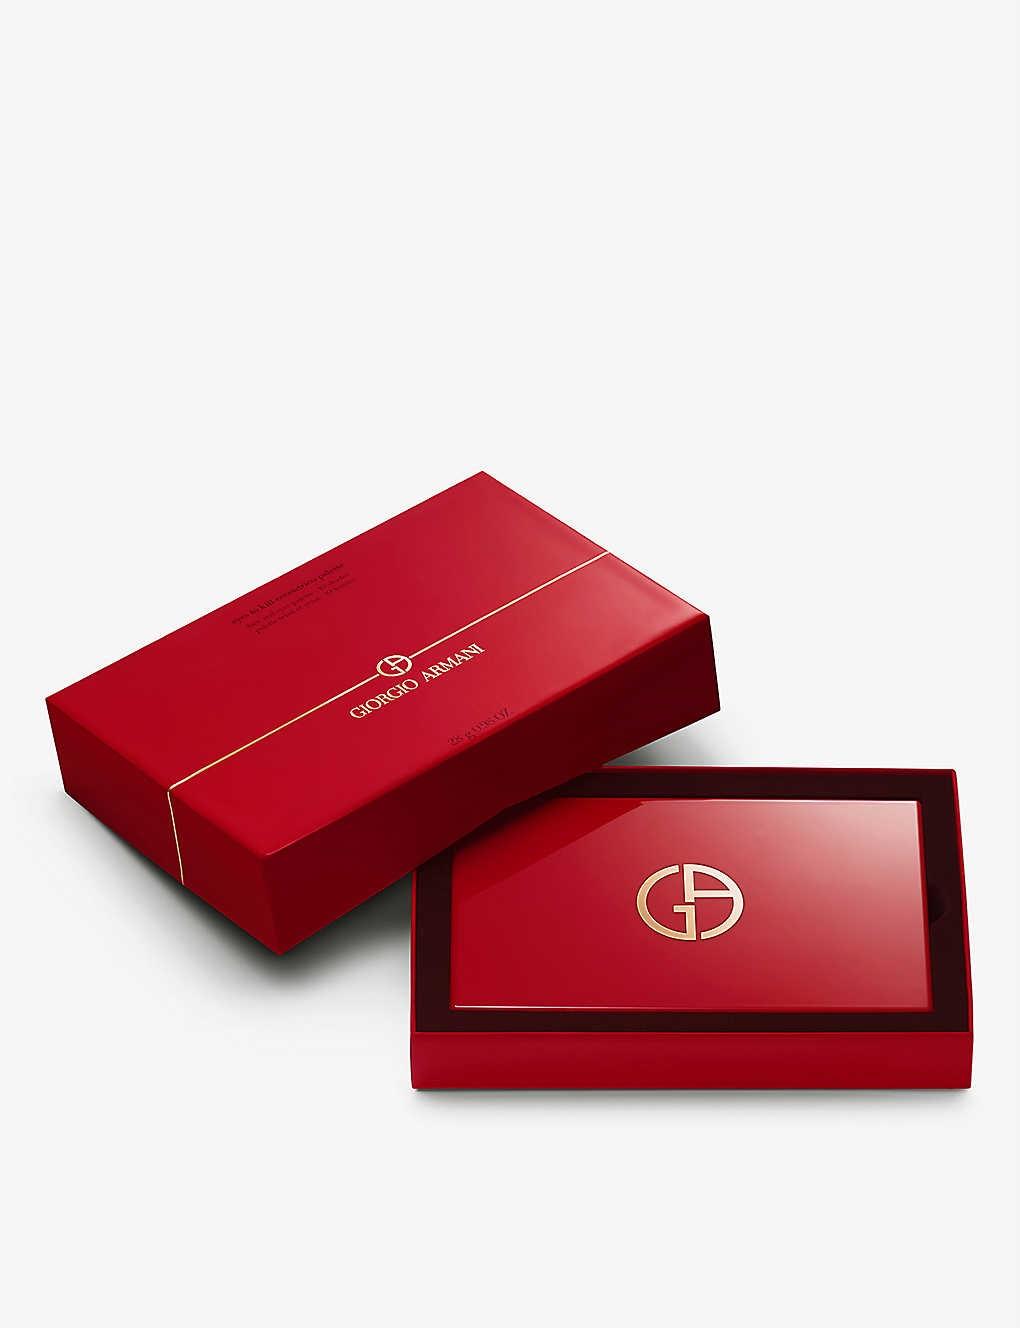 Giorgio Armani Exclusive Eyes To Kill Eccentrico Eyeshadow Palette